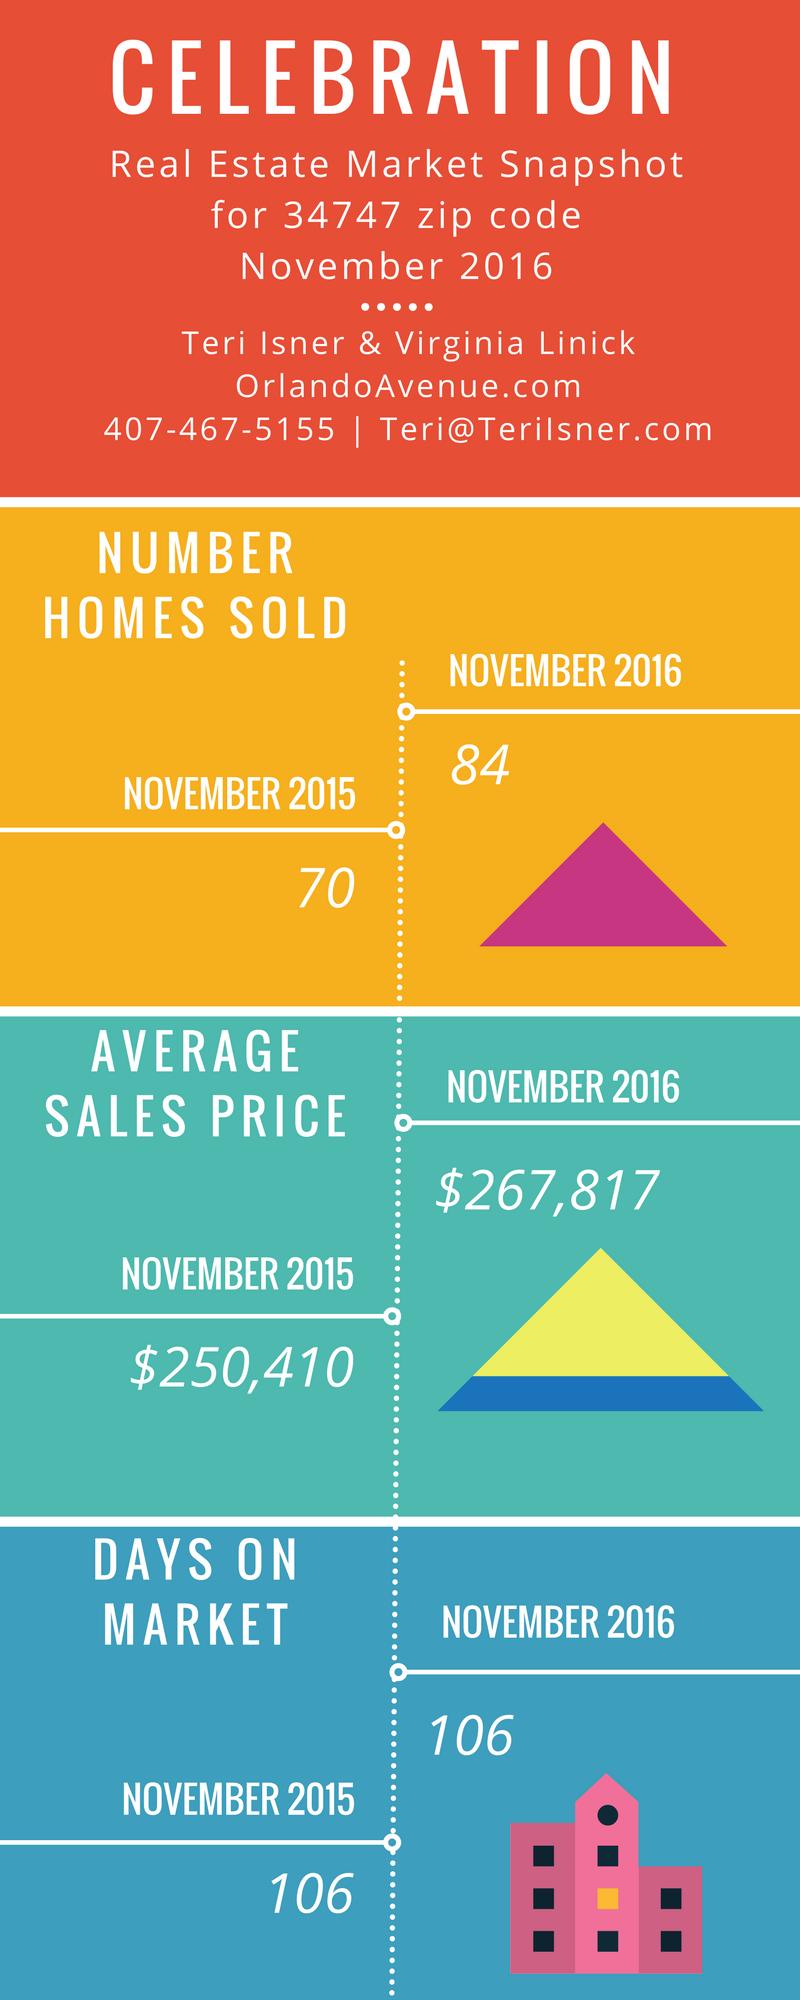 Celebration Real Estate Market Report